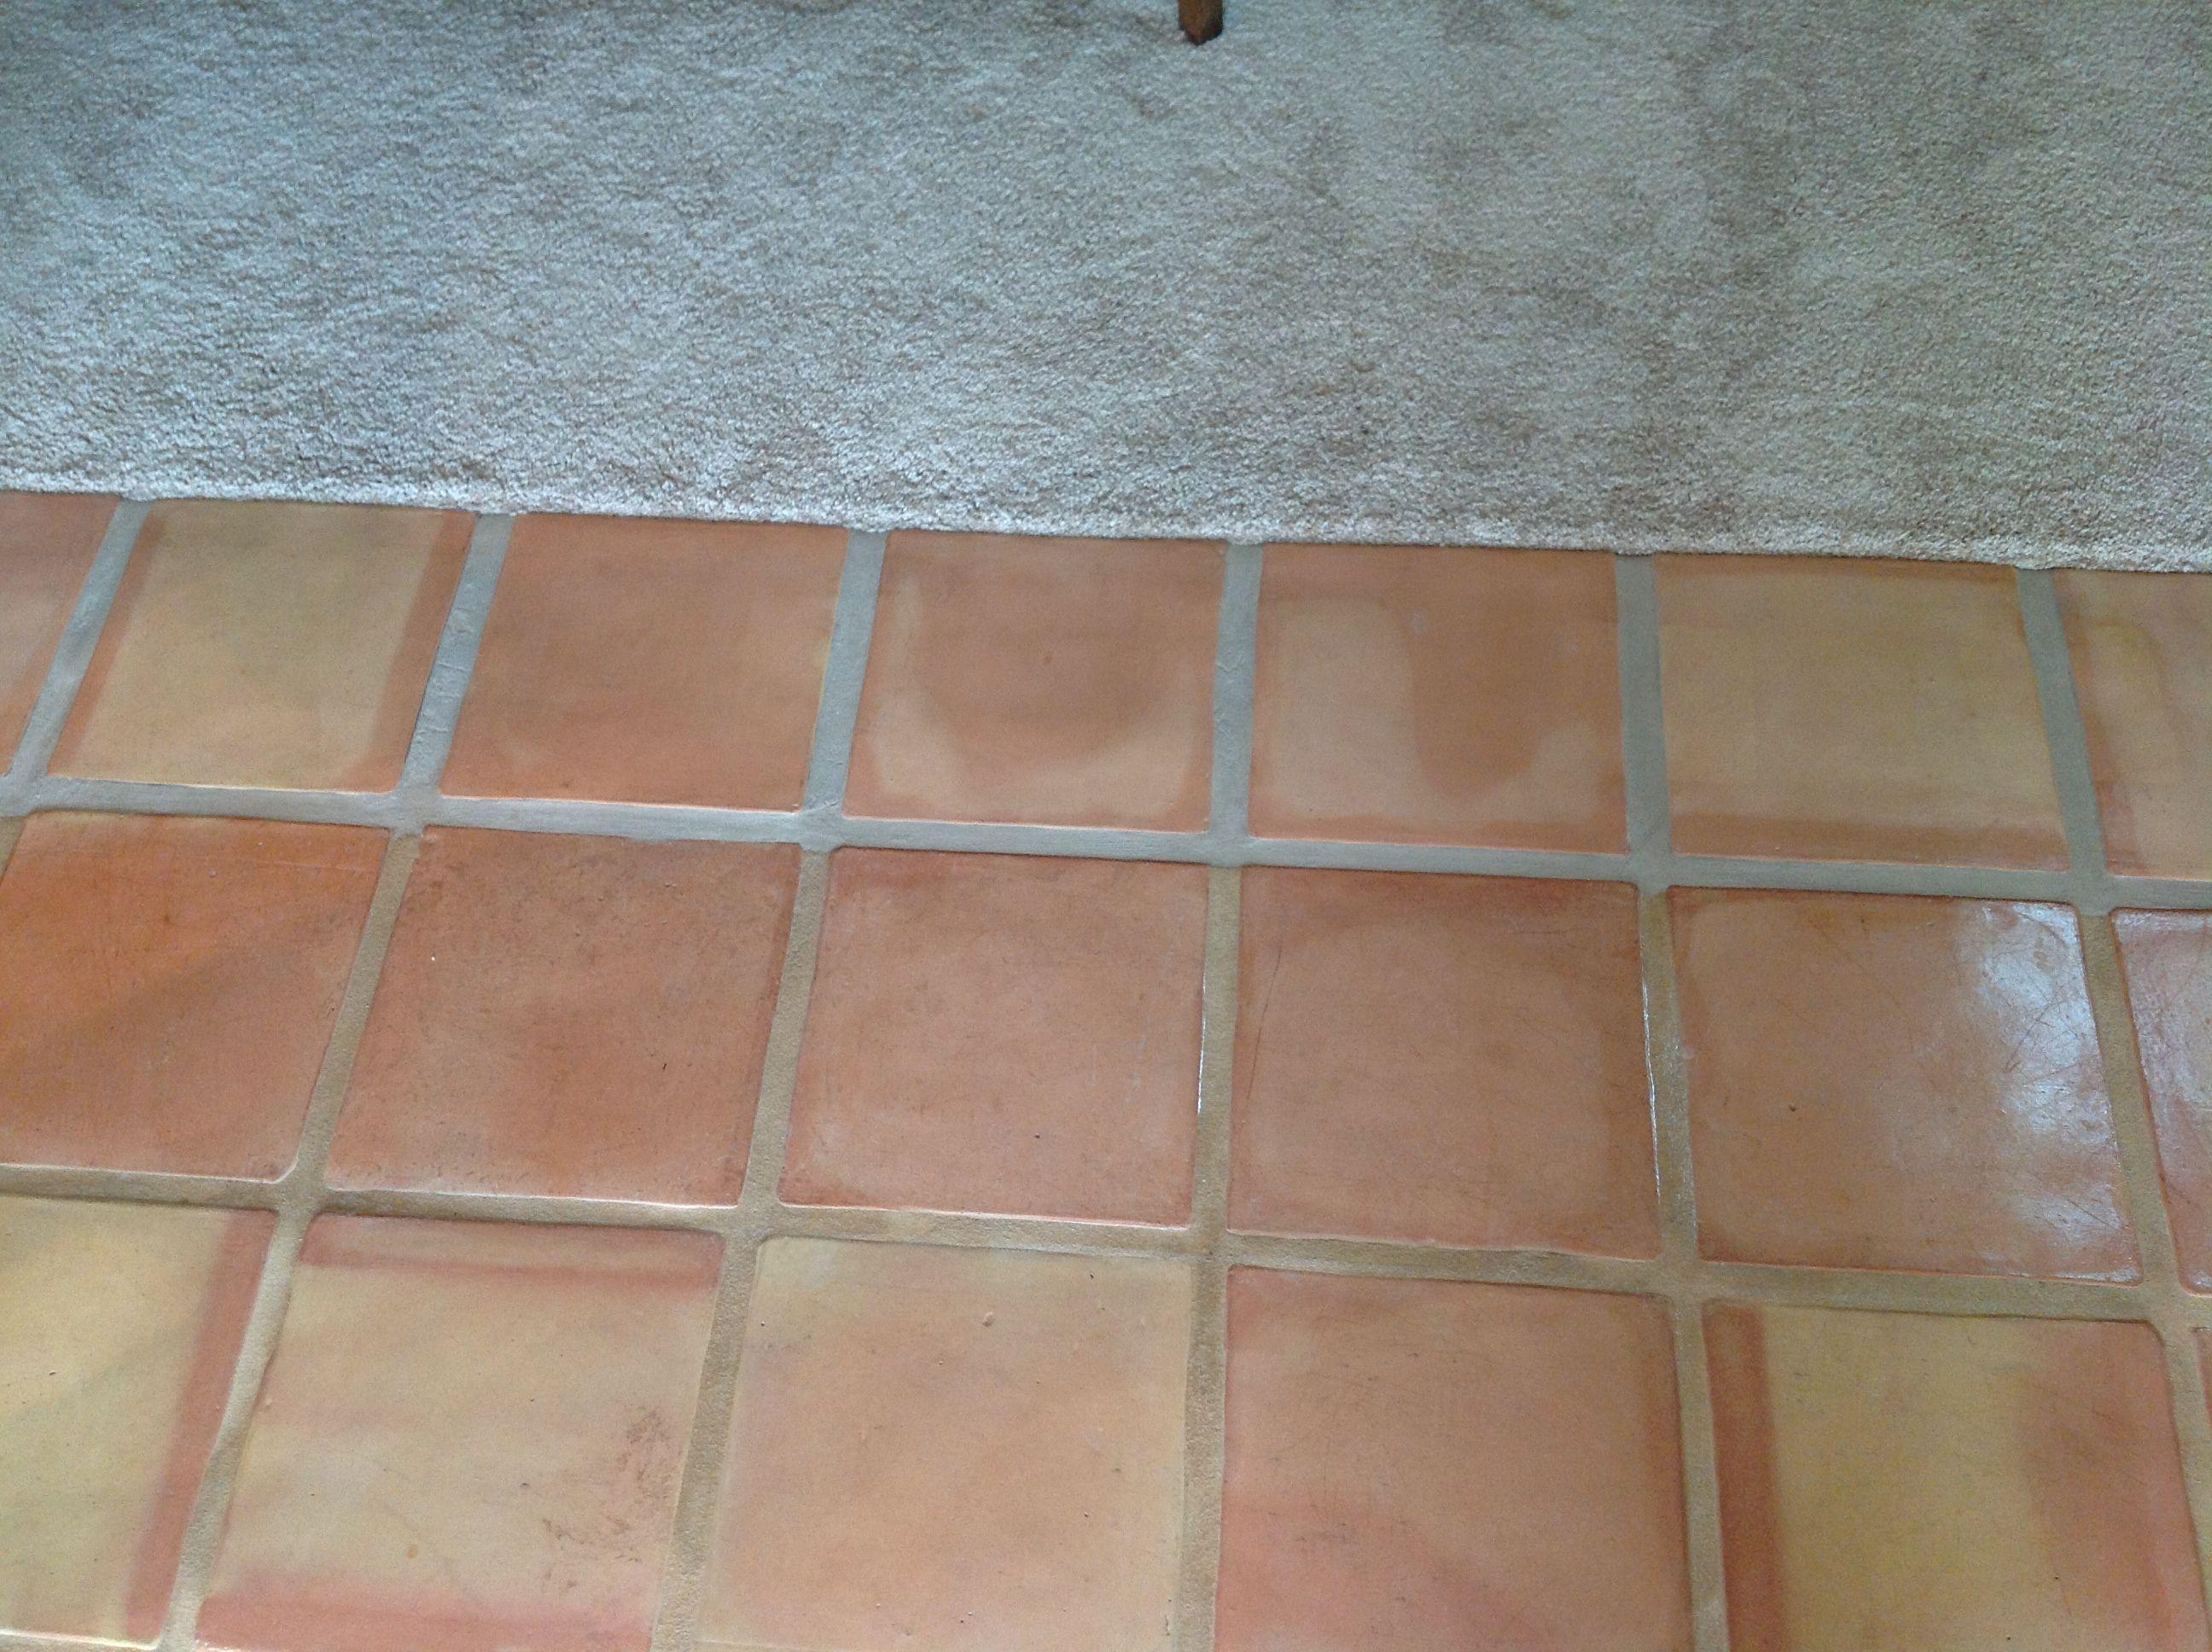 saltillo tile | Saltillo Tile Dirty, Peeling, Dull? California Tile ...